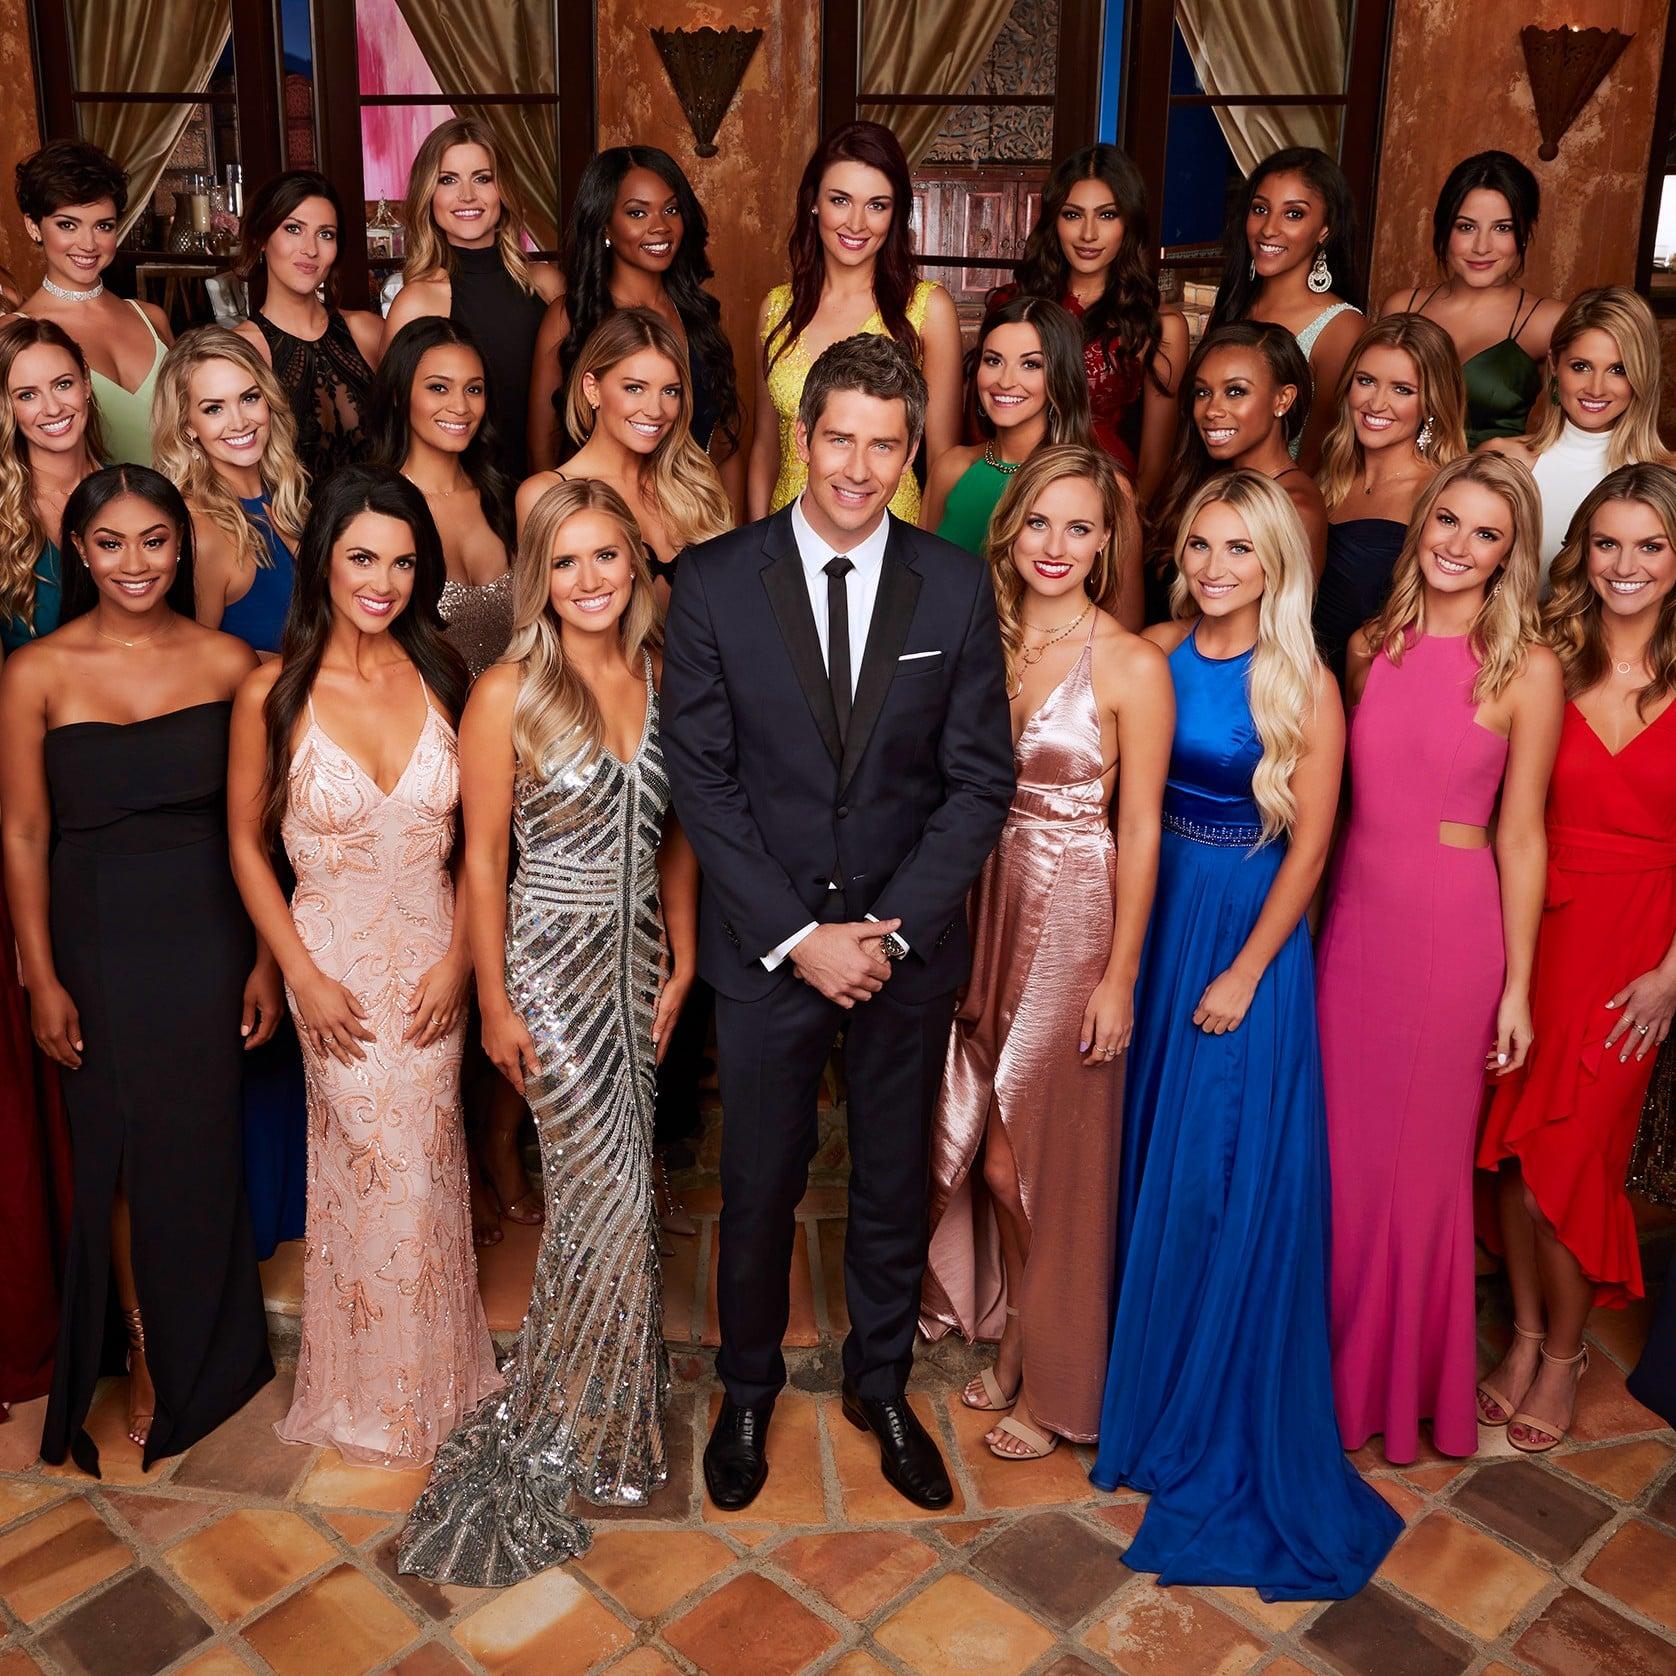 The Bachelor Season 22 Cast